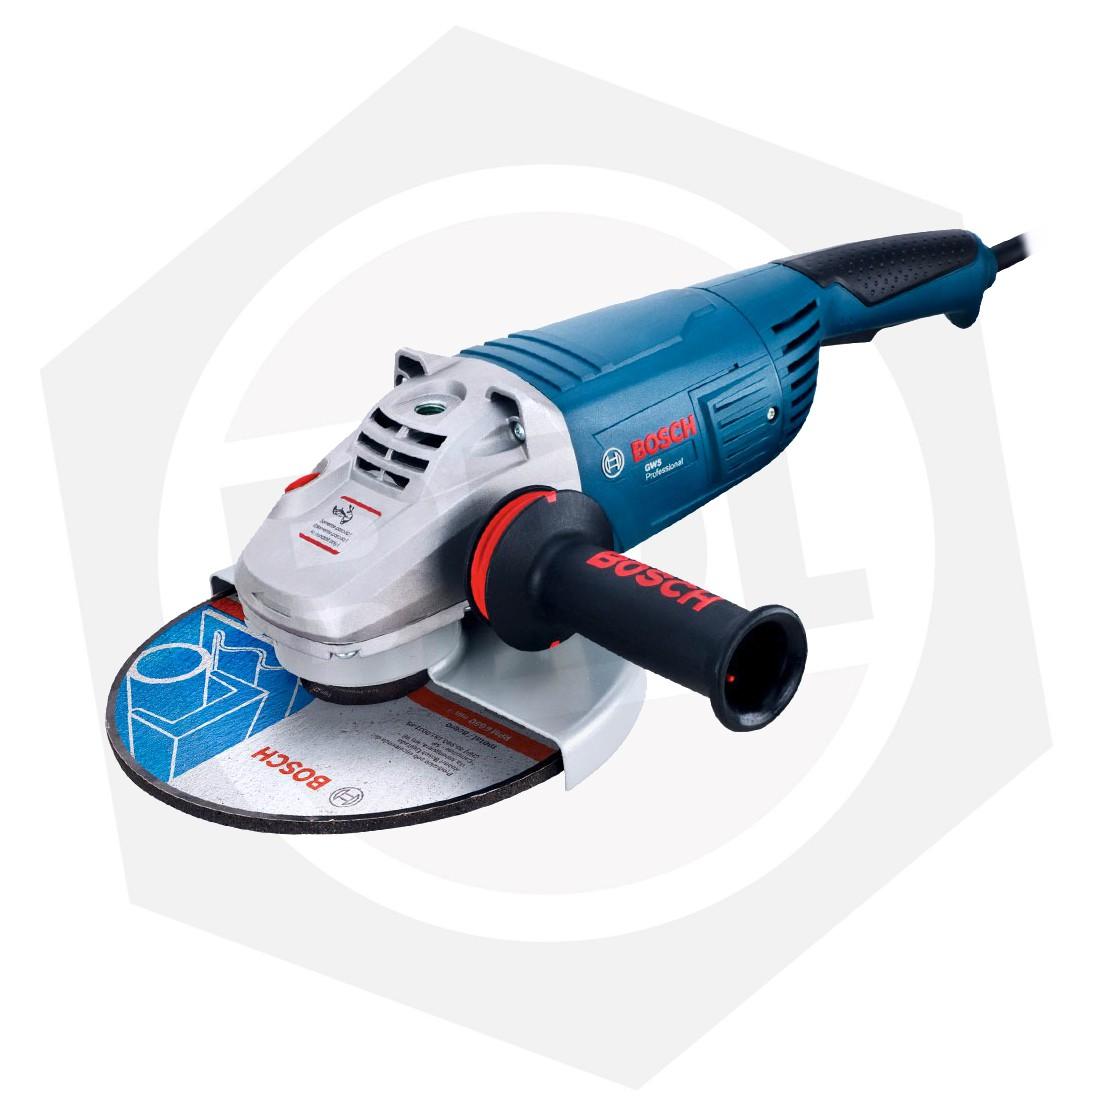 OFERTA - Amoladora Angular Profesional Bosch GWS 22-230